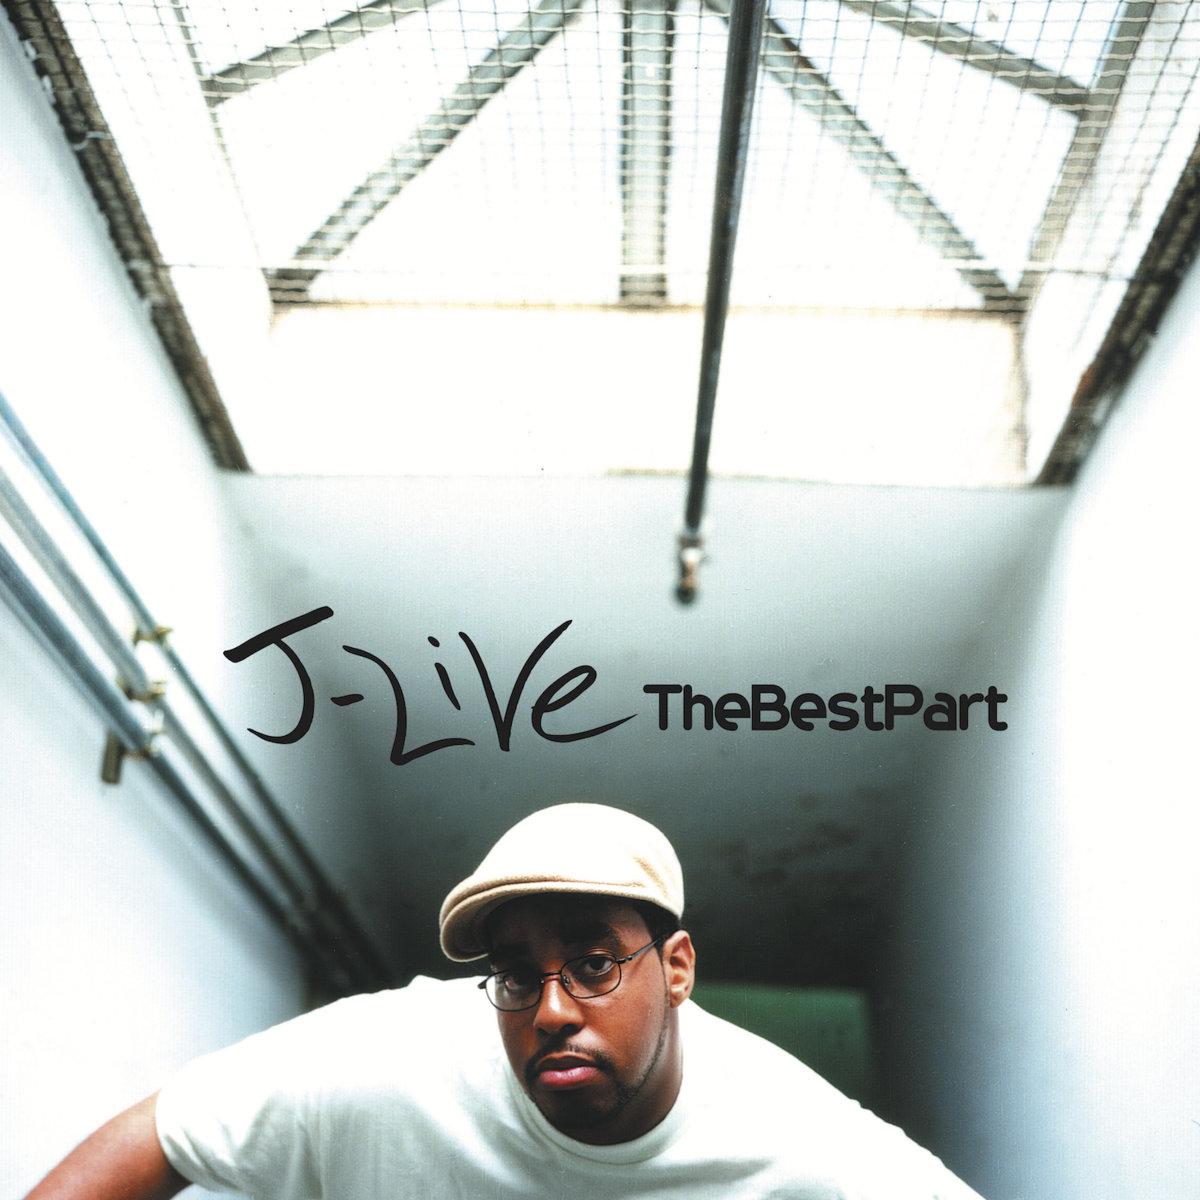 The Best Part J Live